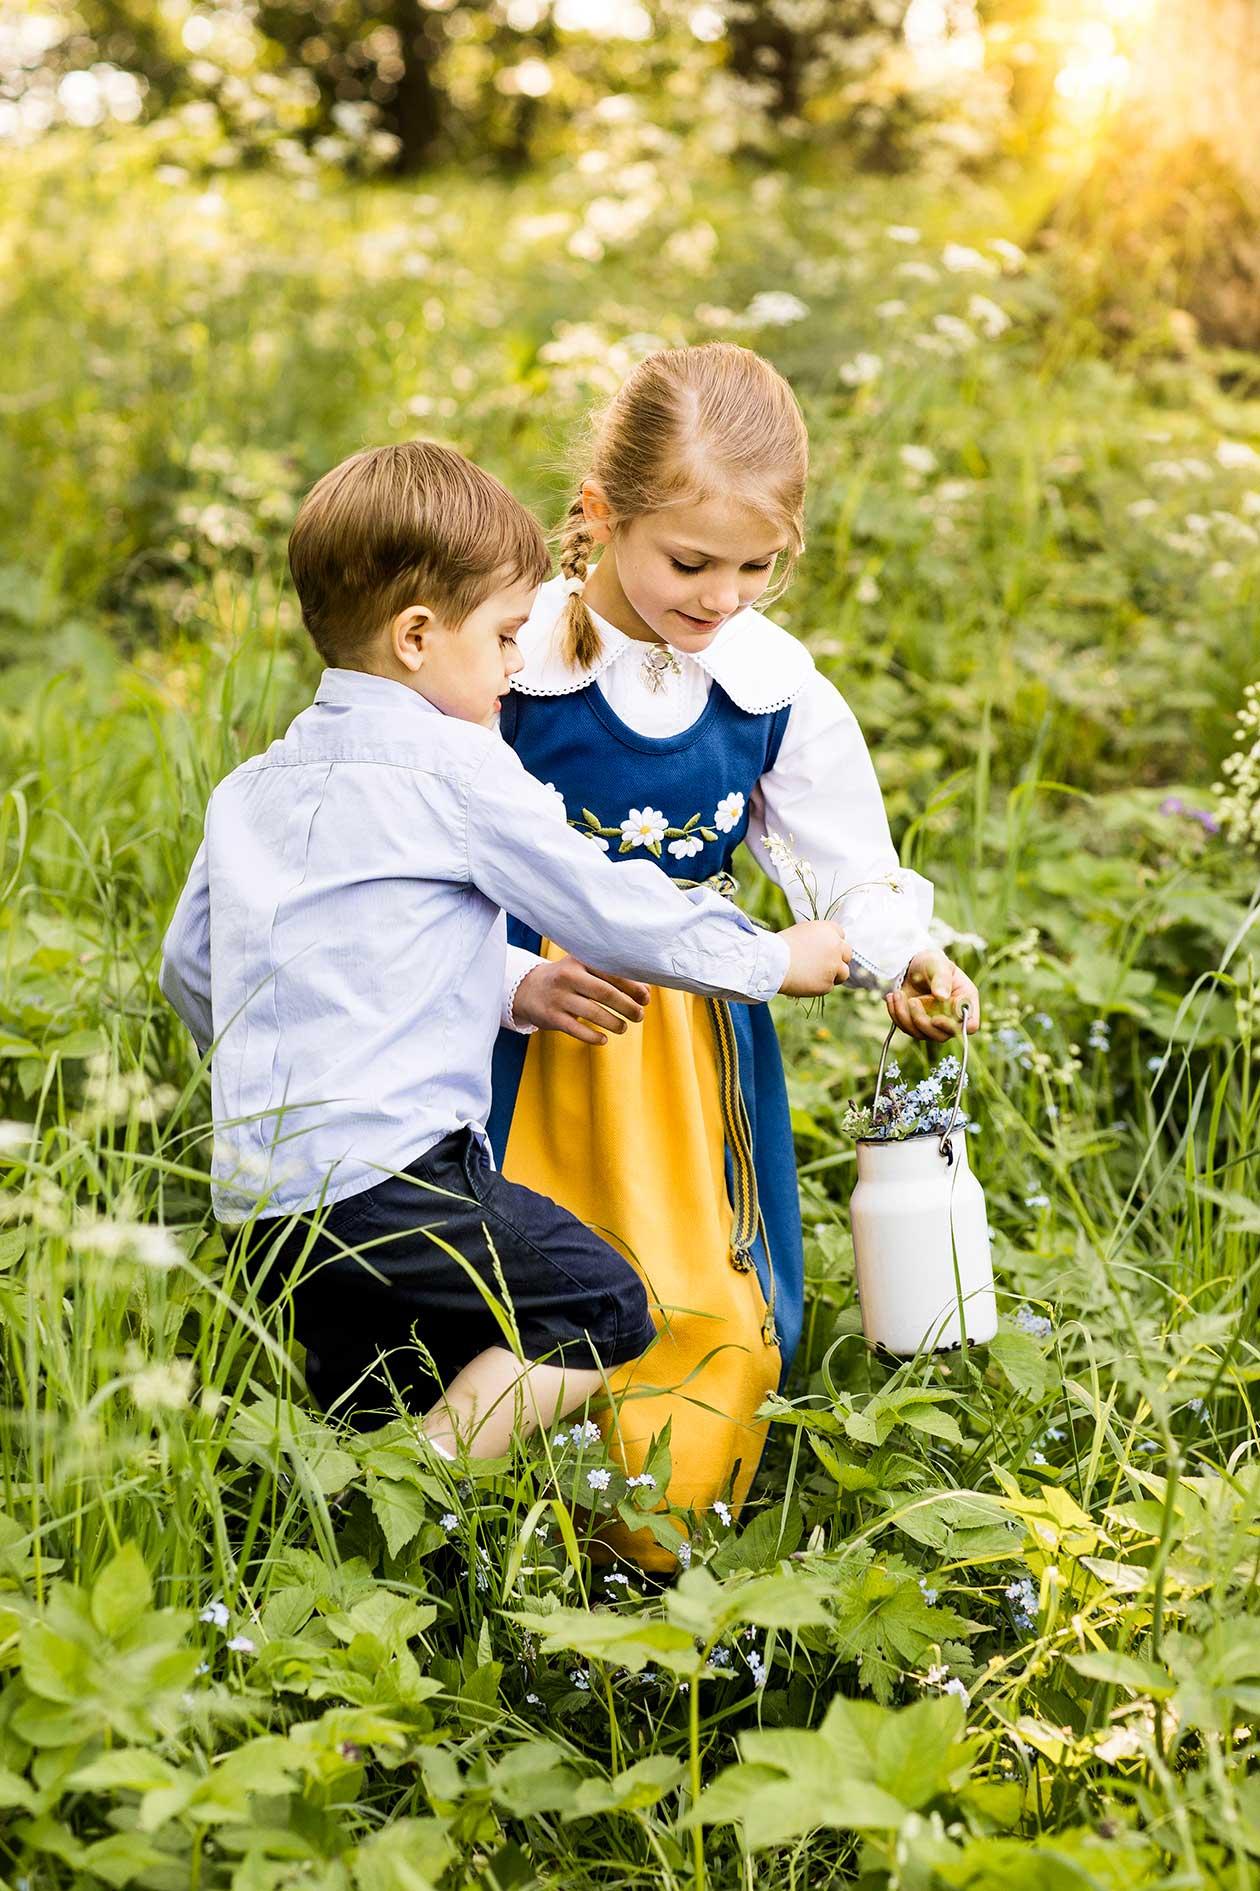 Prinsessan Estelle och prins Oscar, nationaldagen